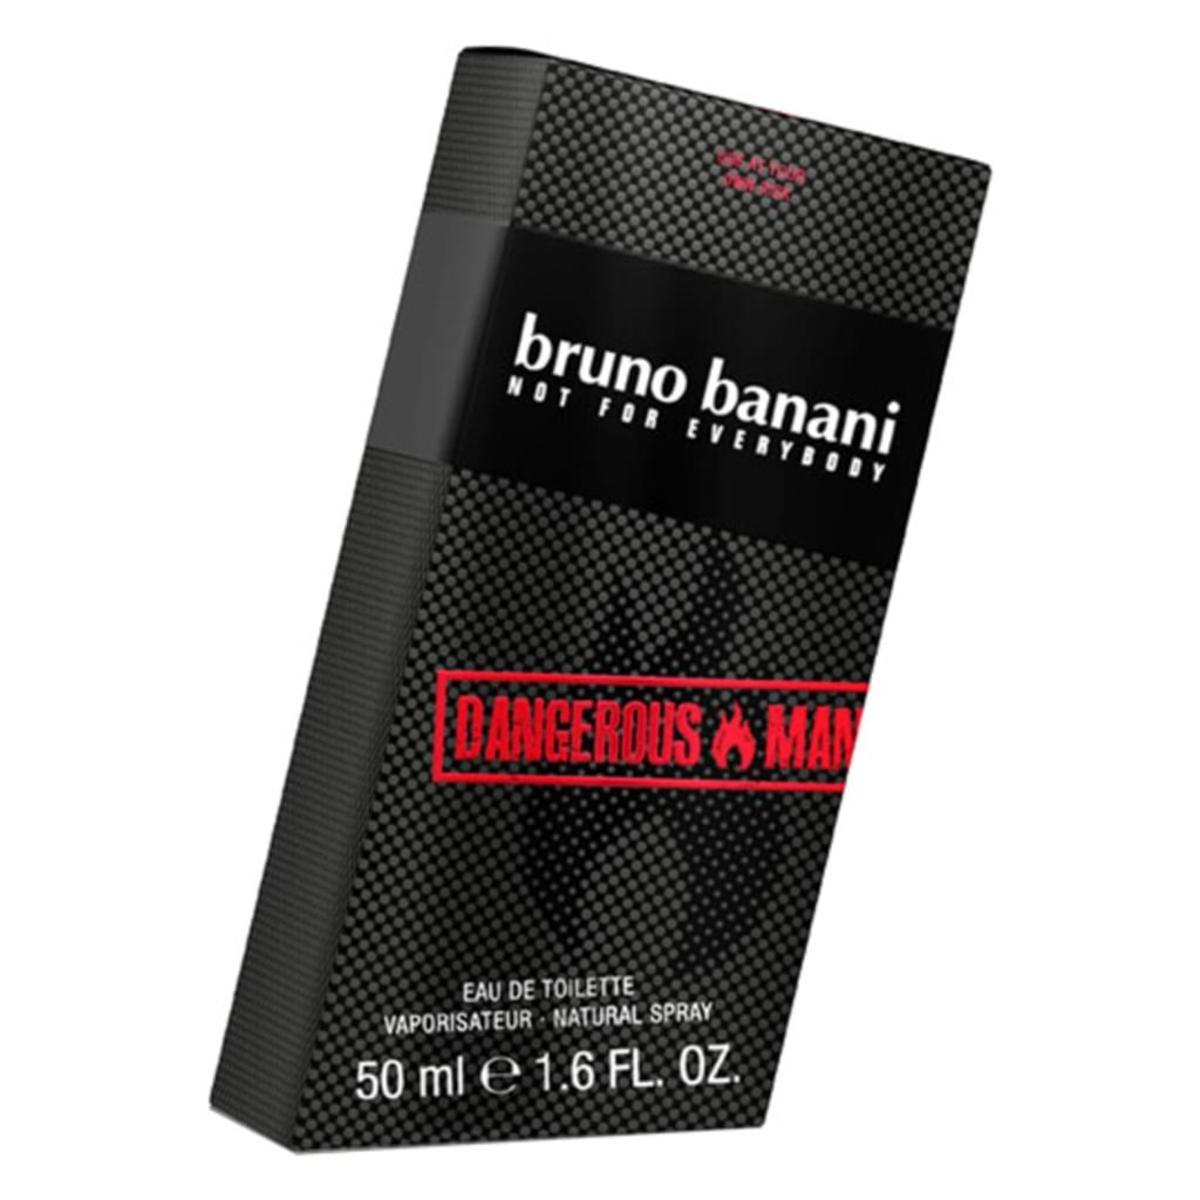 Bild 4 von Herrenparfum Dangerous Man Bruno Banani EDT